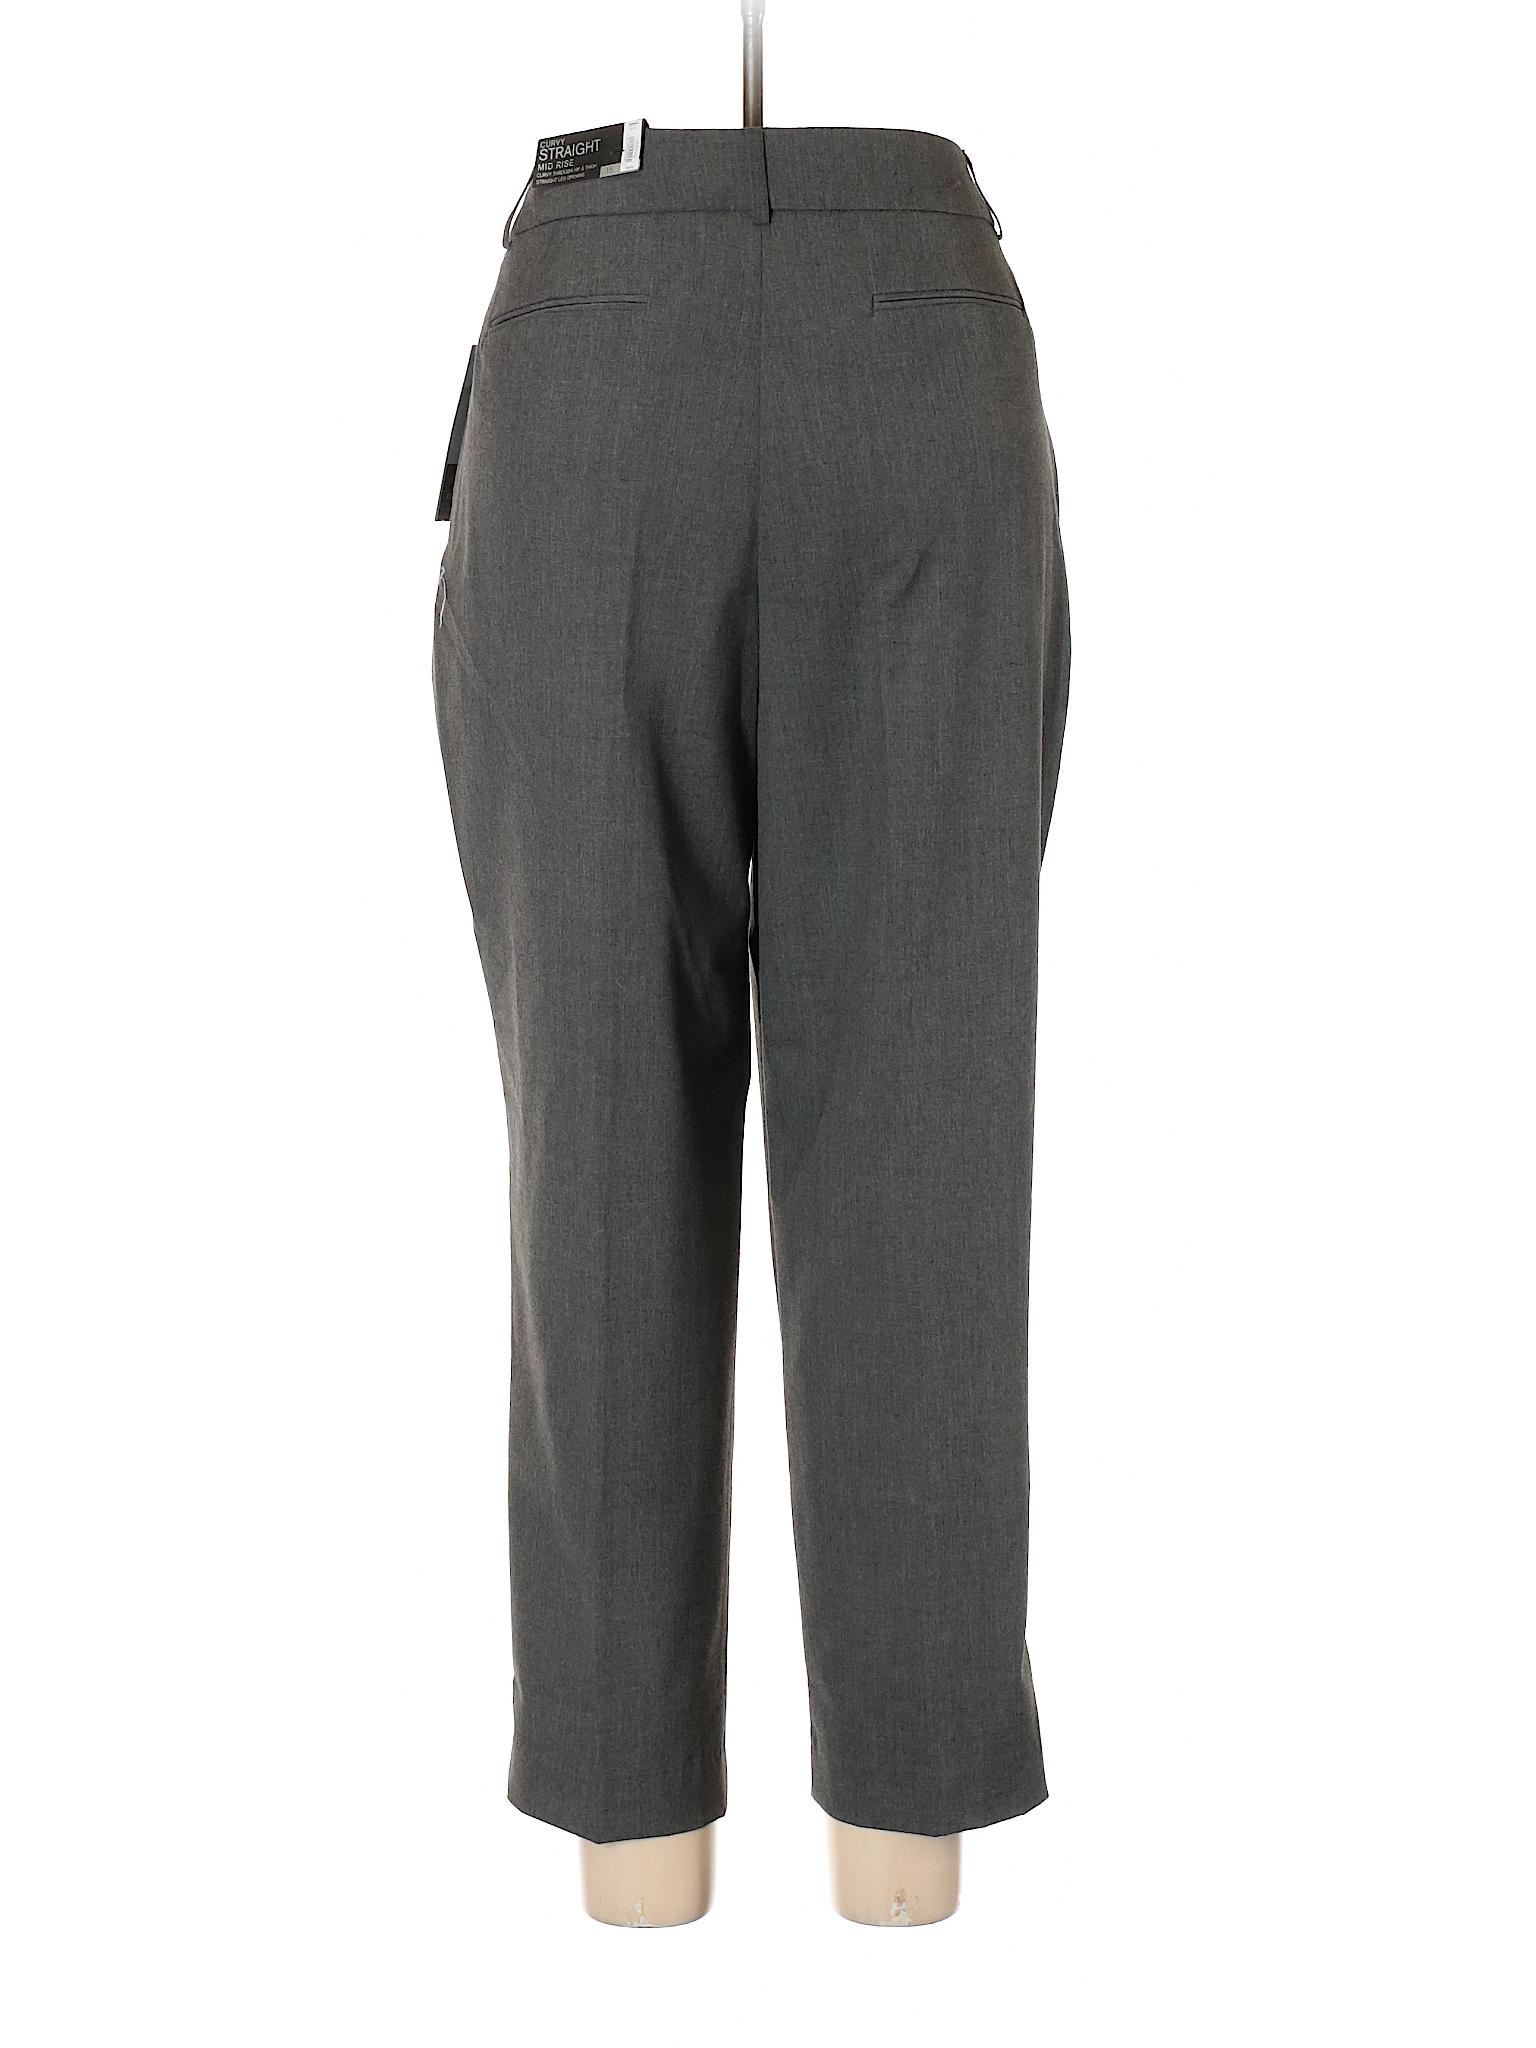 Dress Boutique Apt Boutique 9 Apt 9 Pants Pants Dress 9 Boutique Pants Apt Dress T75Z41q